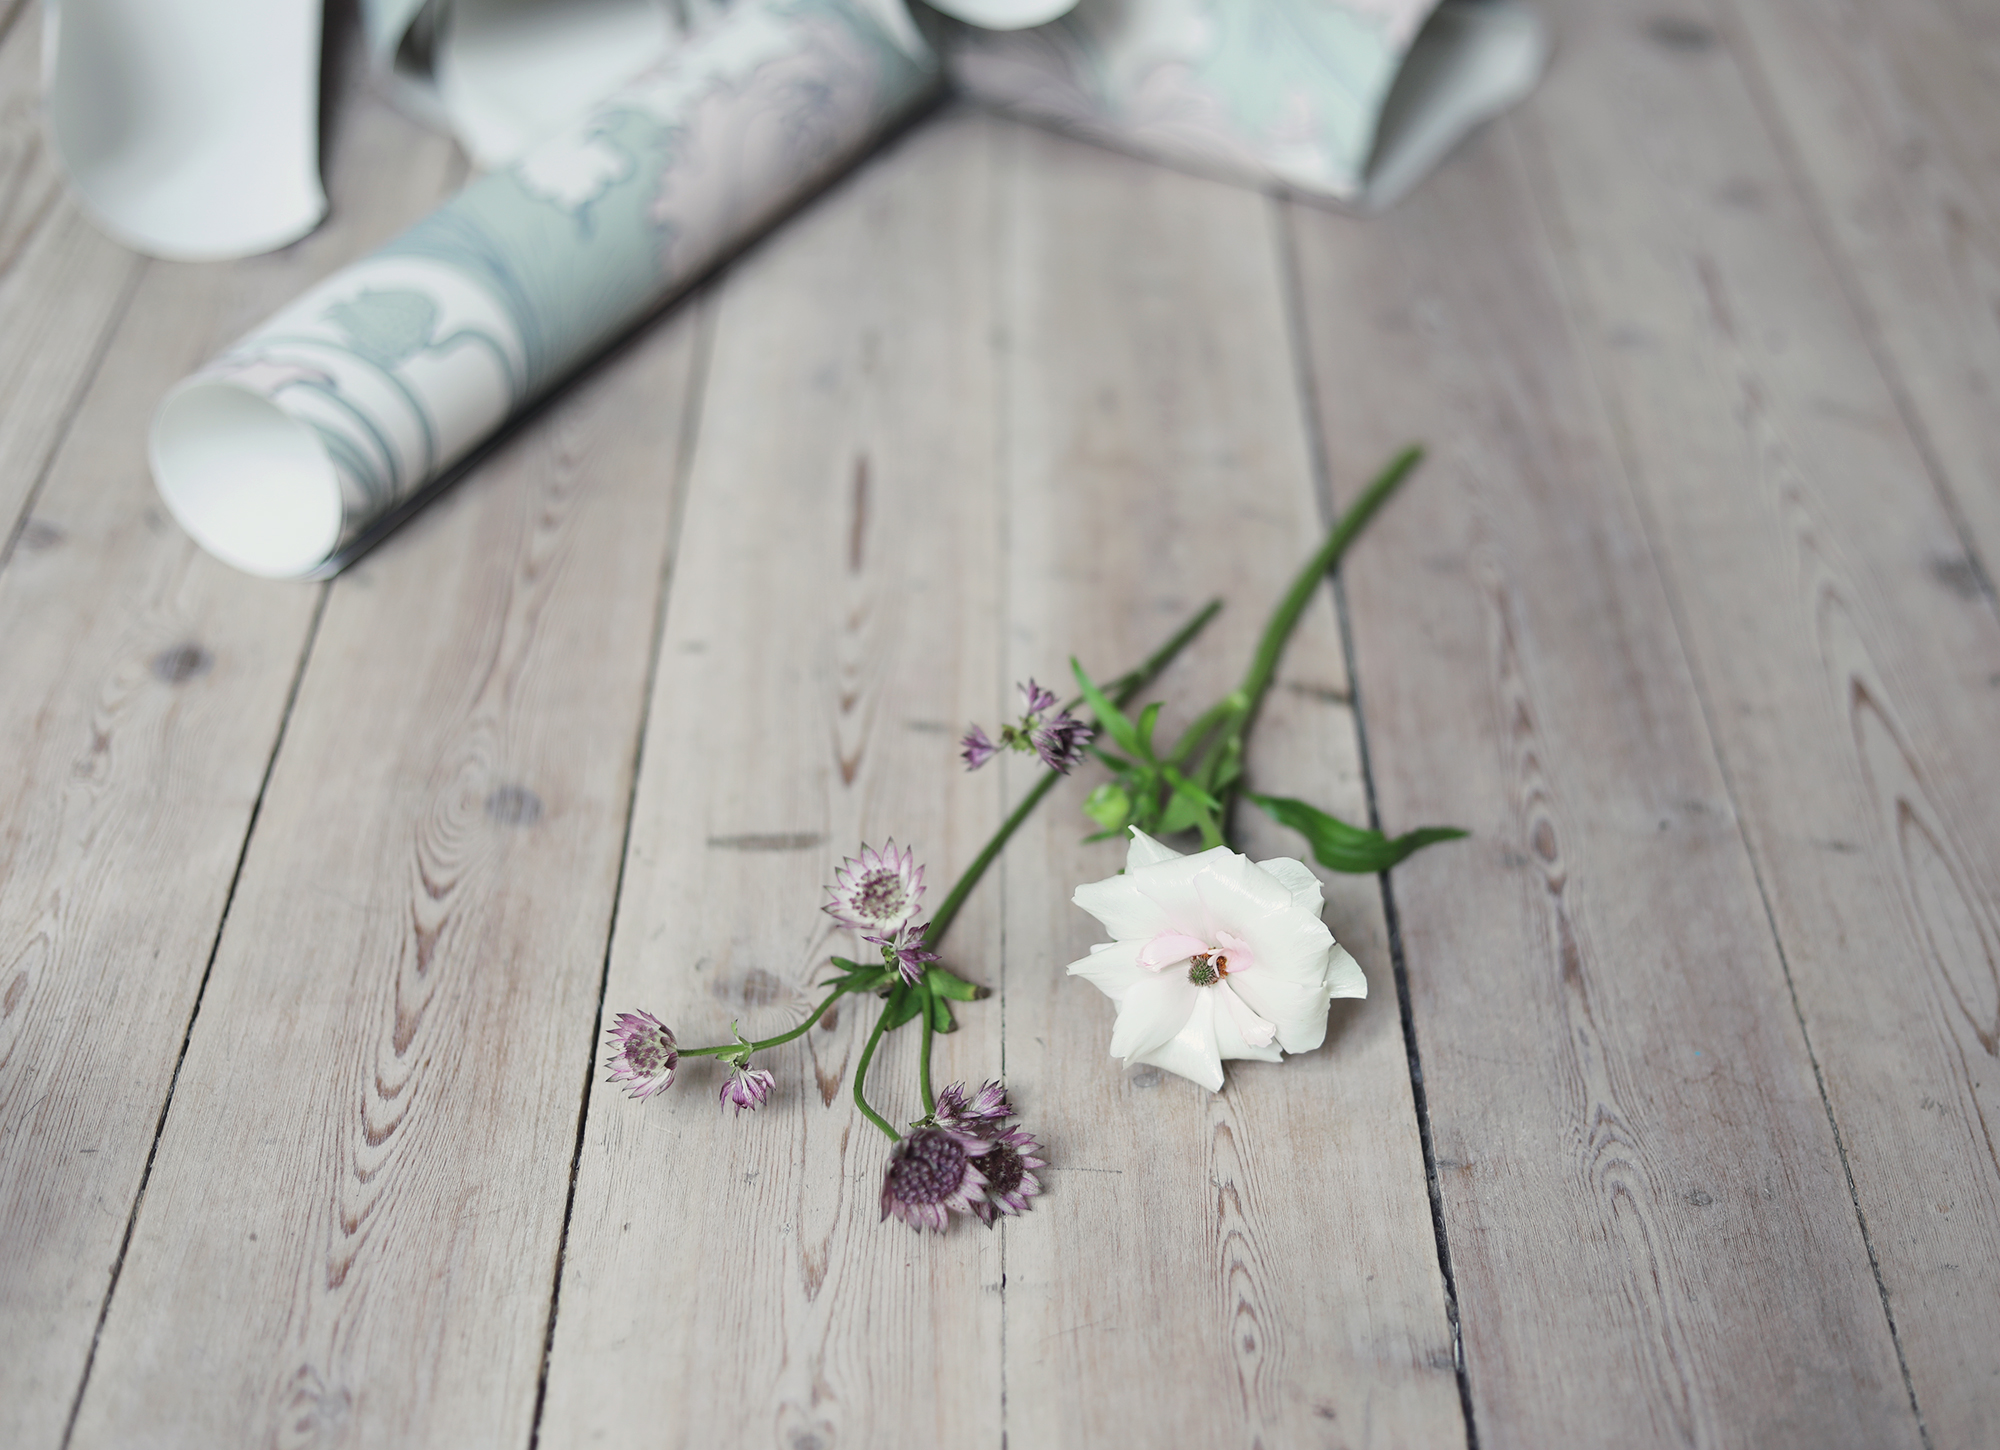 boråstapeter tapet tapeter inredning blommor sekelskifte jugend anno siri